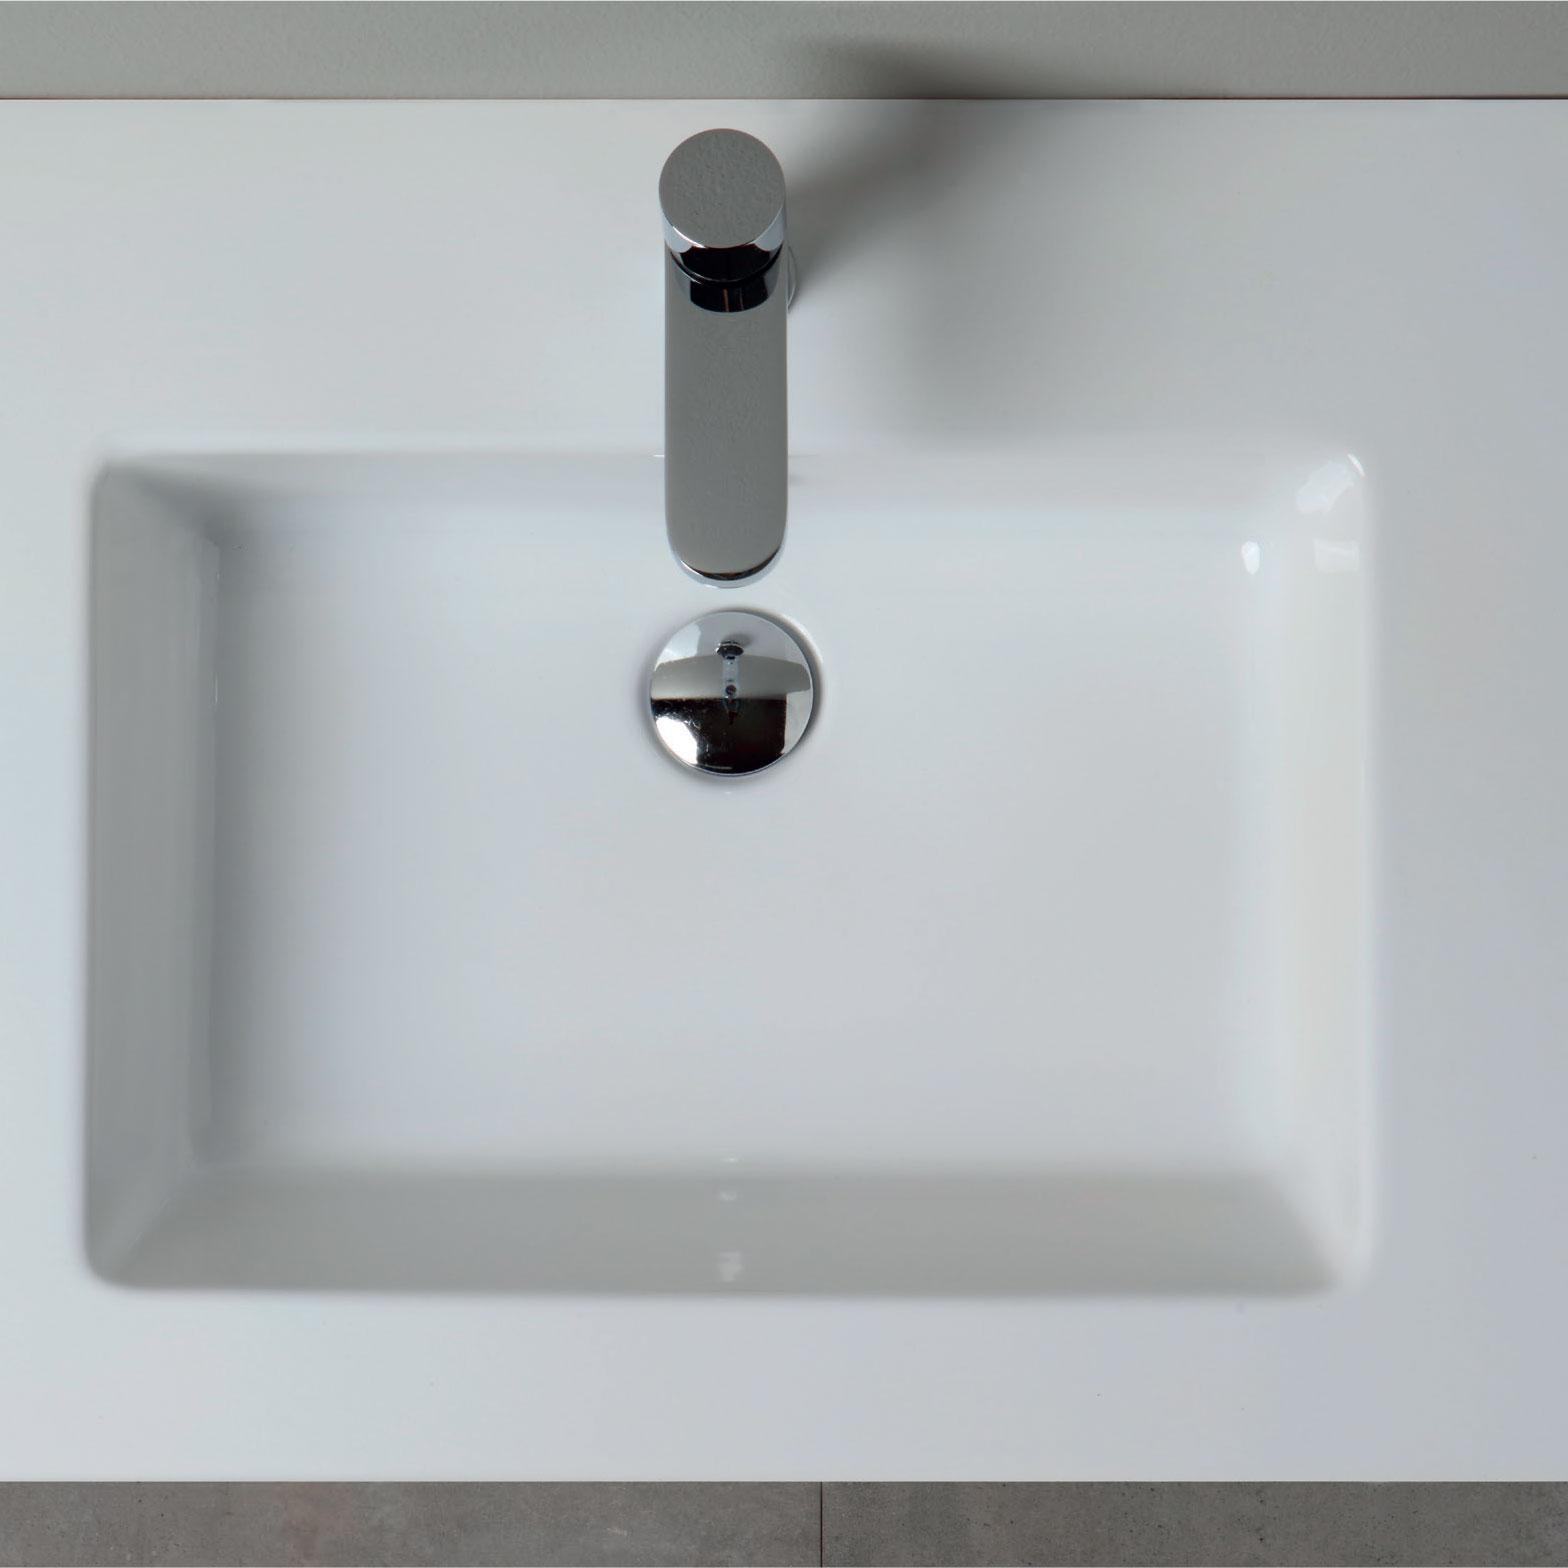 Lavabo consolle in ceramica cm 121x51 per installazione sospesa o da appoggio su mobile Azzurra Slim